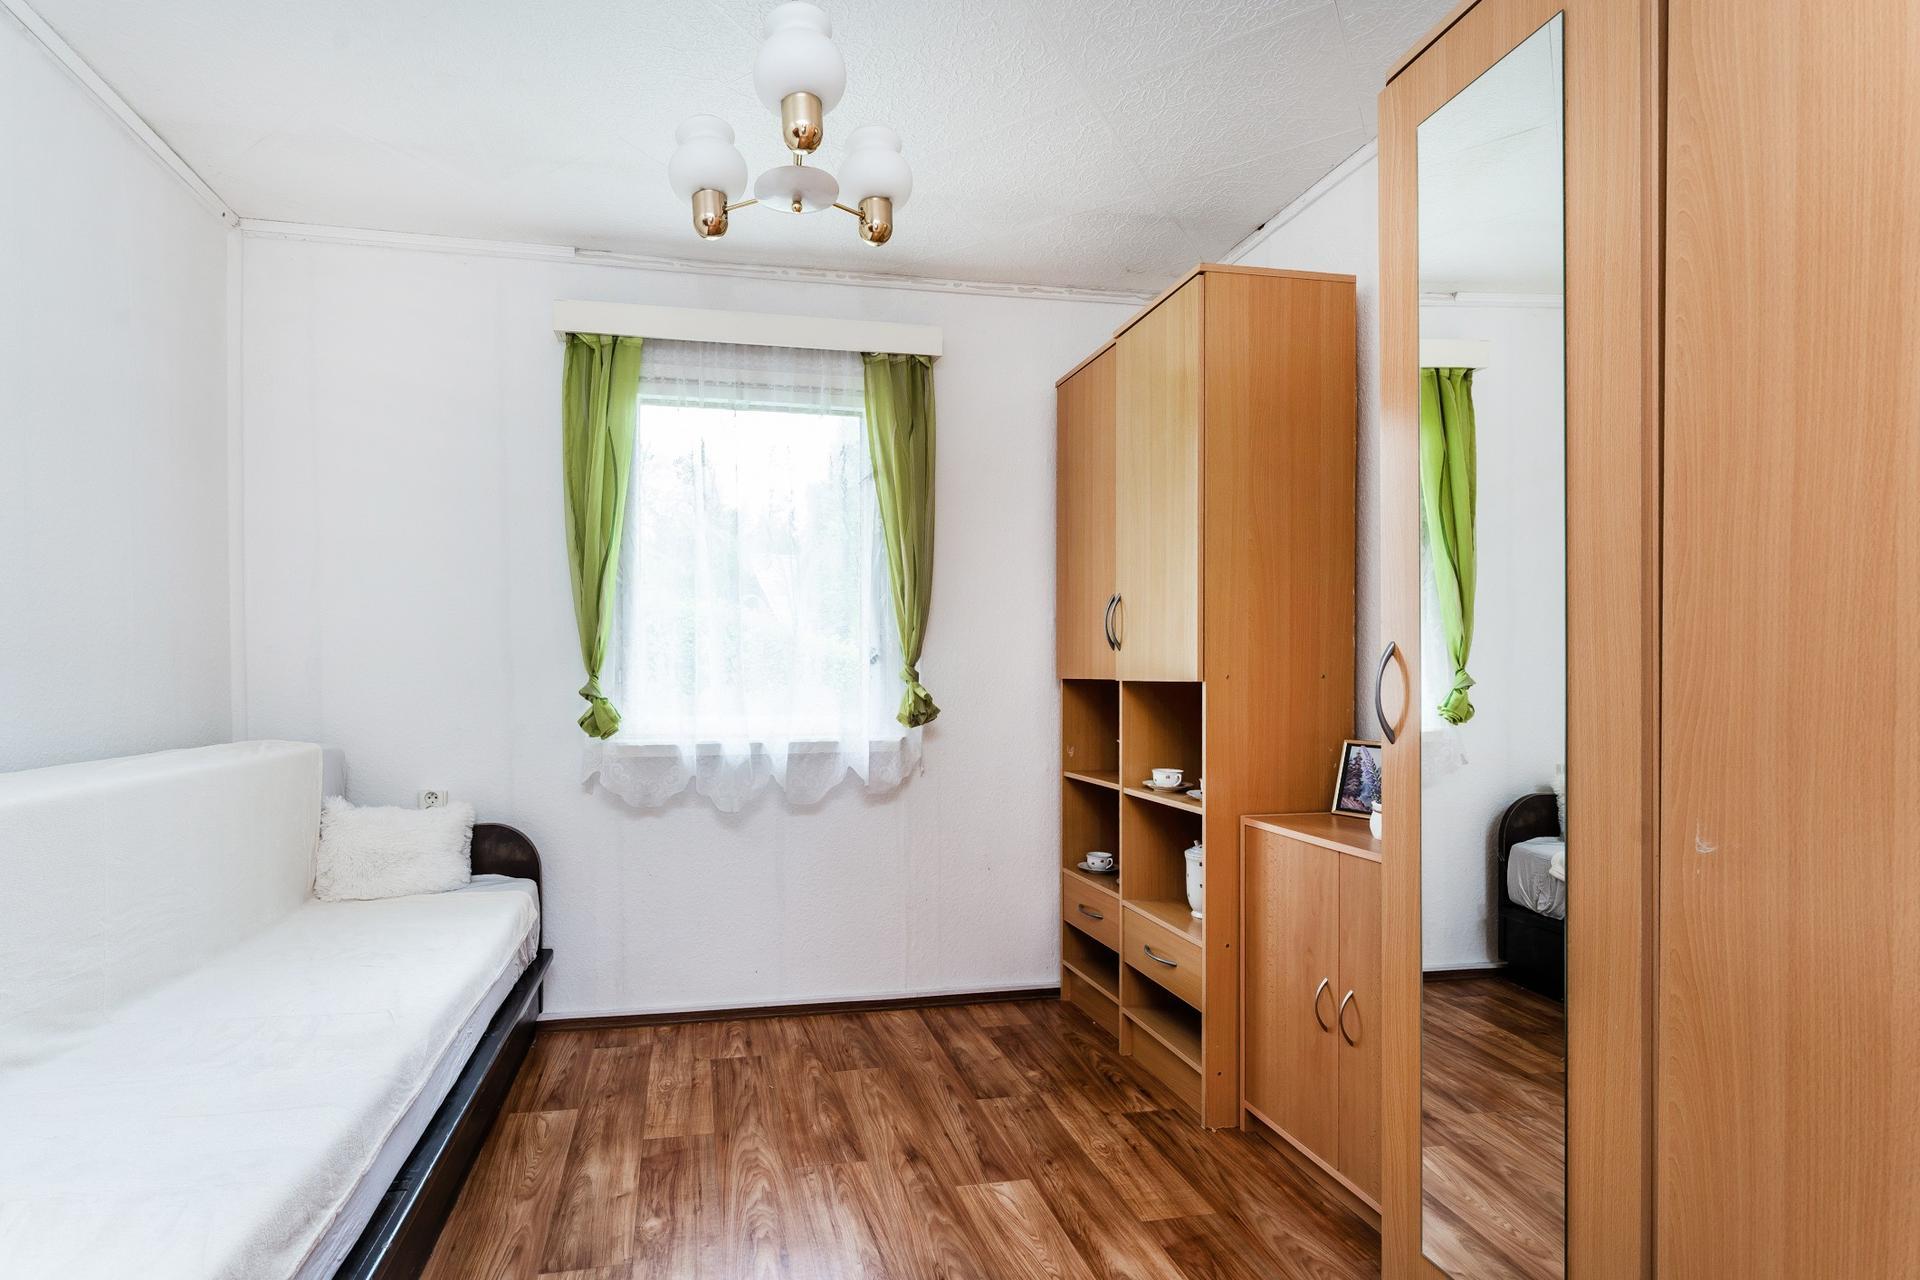 Chata - Košátky 2021 - Ložnice - původní stav. Dnes už vypadá jinak